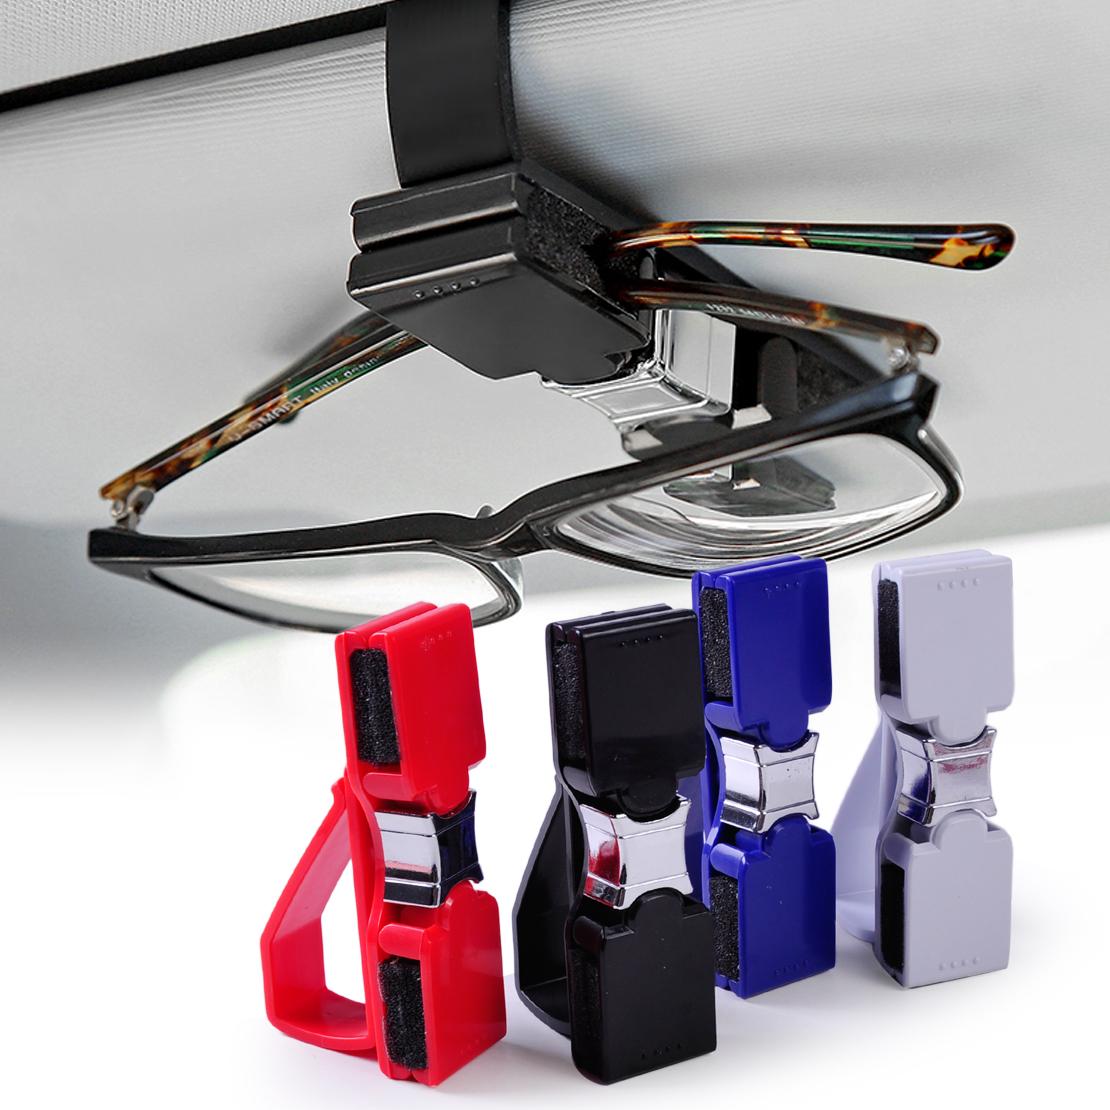 achetez en gros bmw lunettes de soleil en ligne des grossistes bmw lunettes de soleil chinois. Black Bedroom Furniture Sets. Home Design Ideas